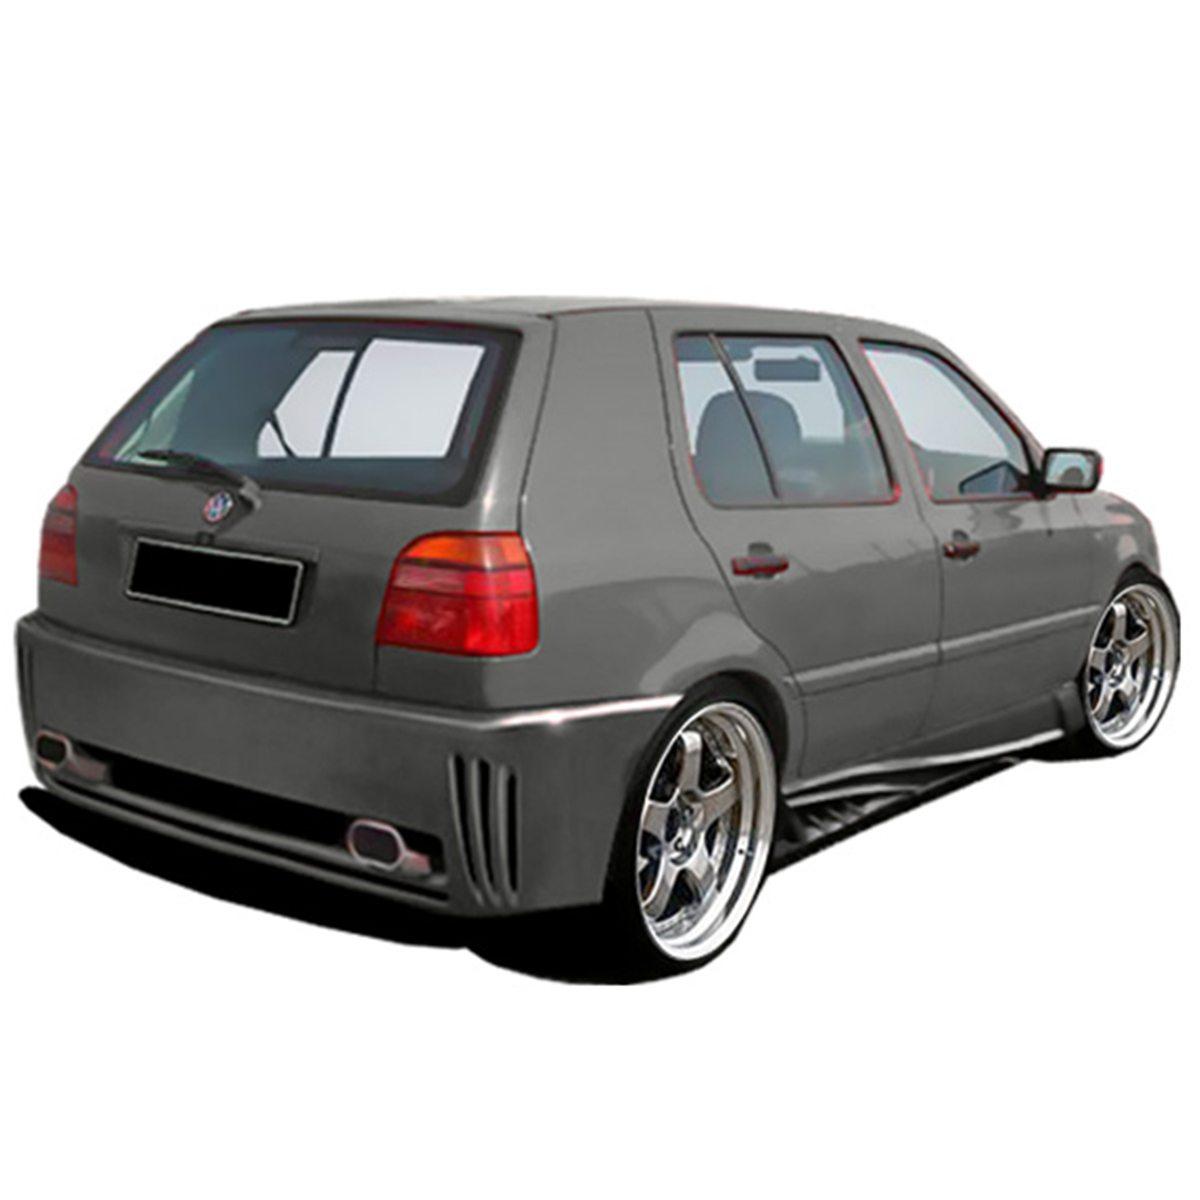 VW-Golf-III-Shark-Tras-PCM050